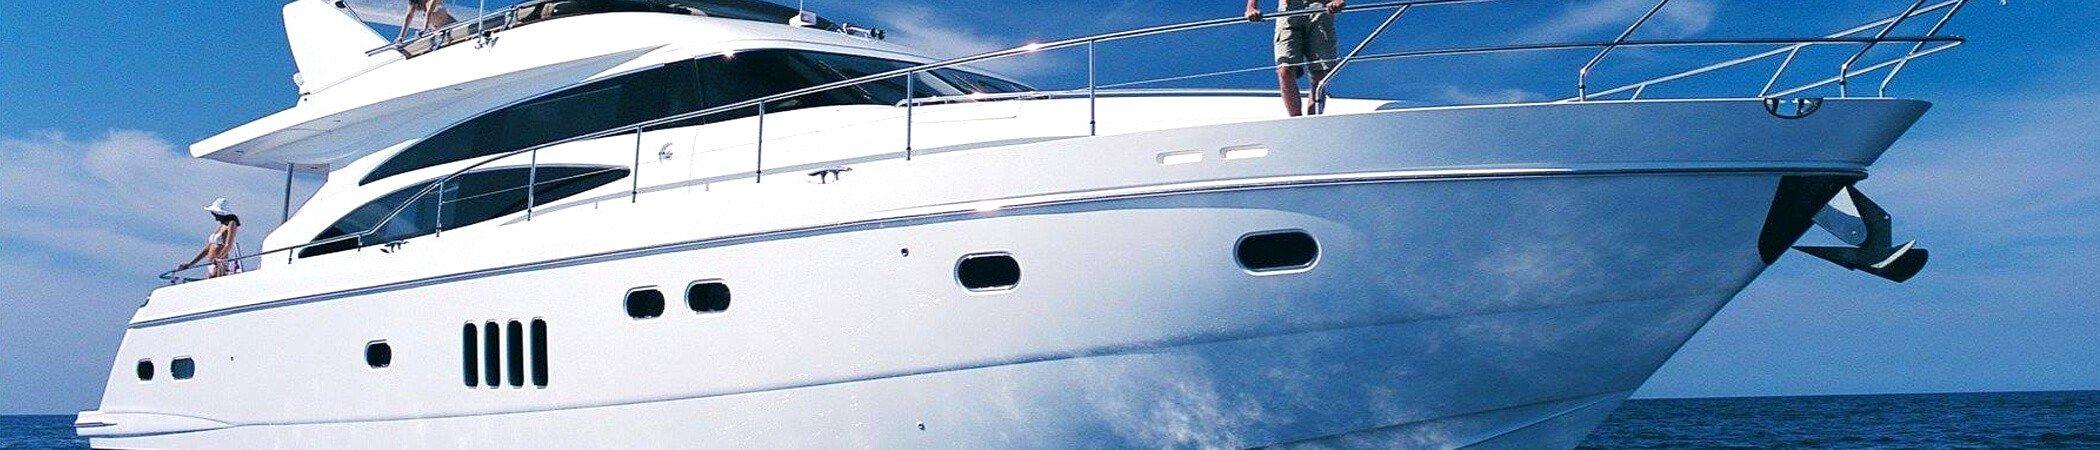 Lees meer over Dolman Yachting jachtmakelaar in Zeewolde